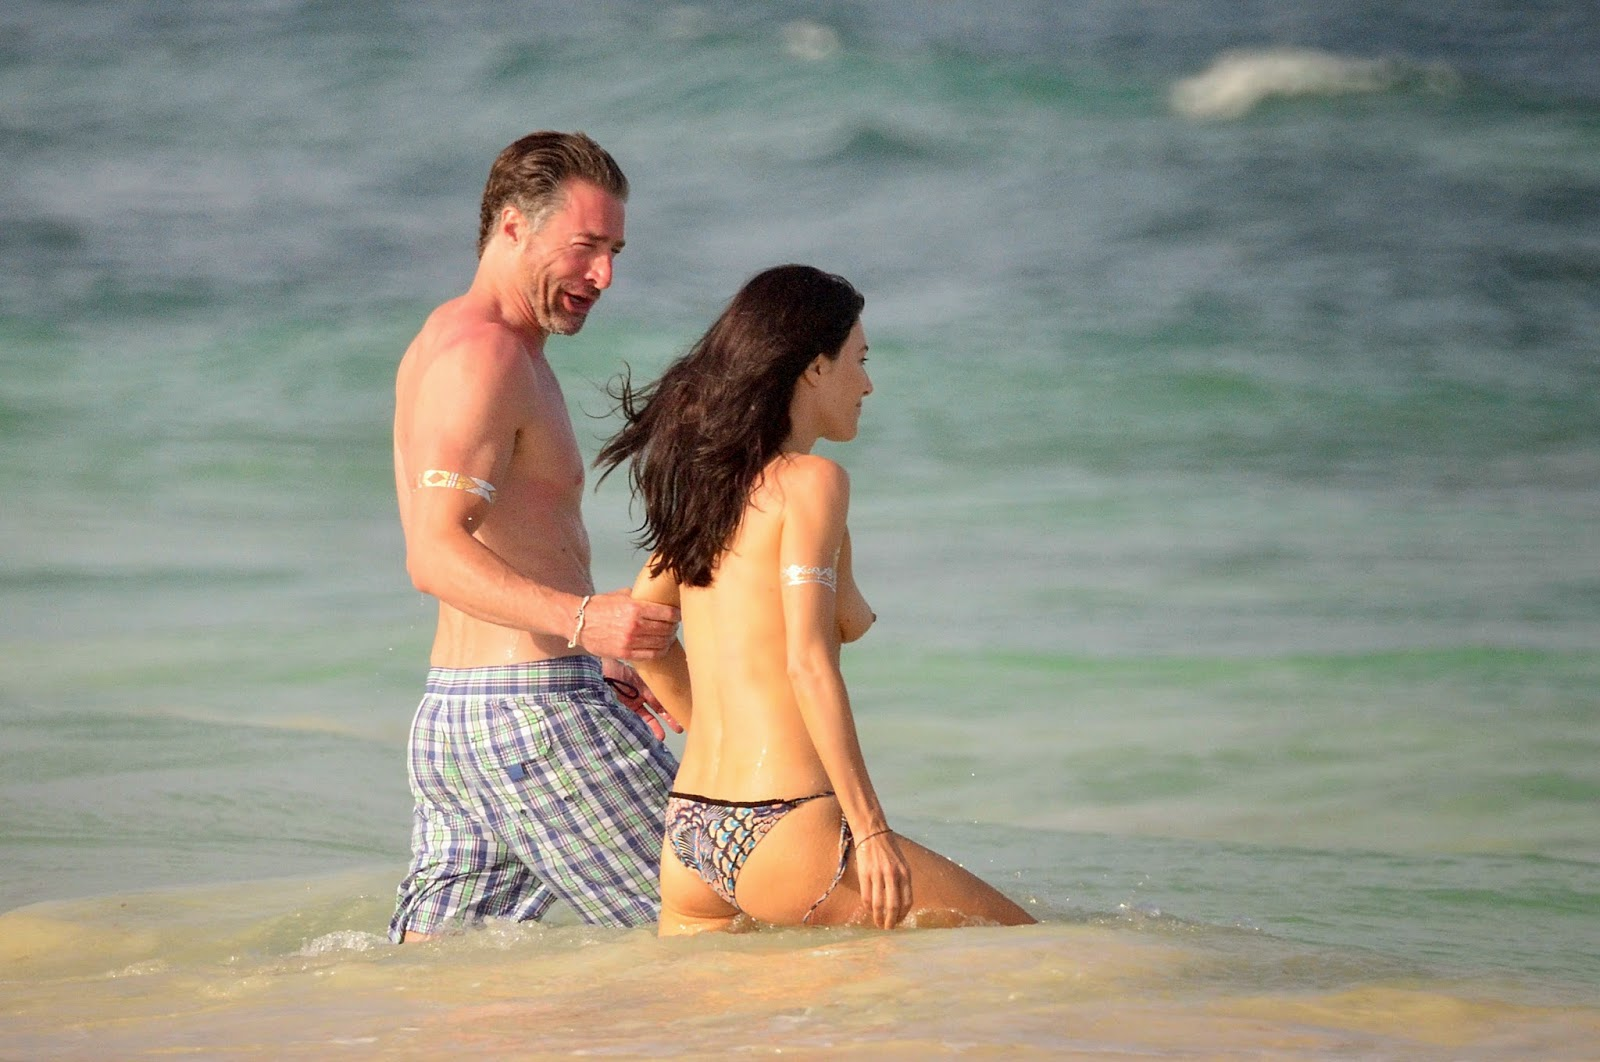 Jaime murray bikini casses, payes